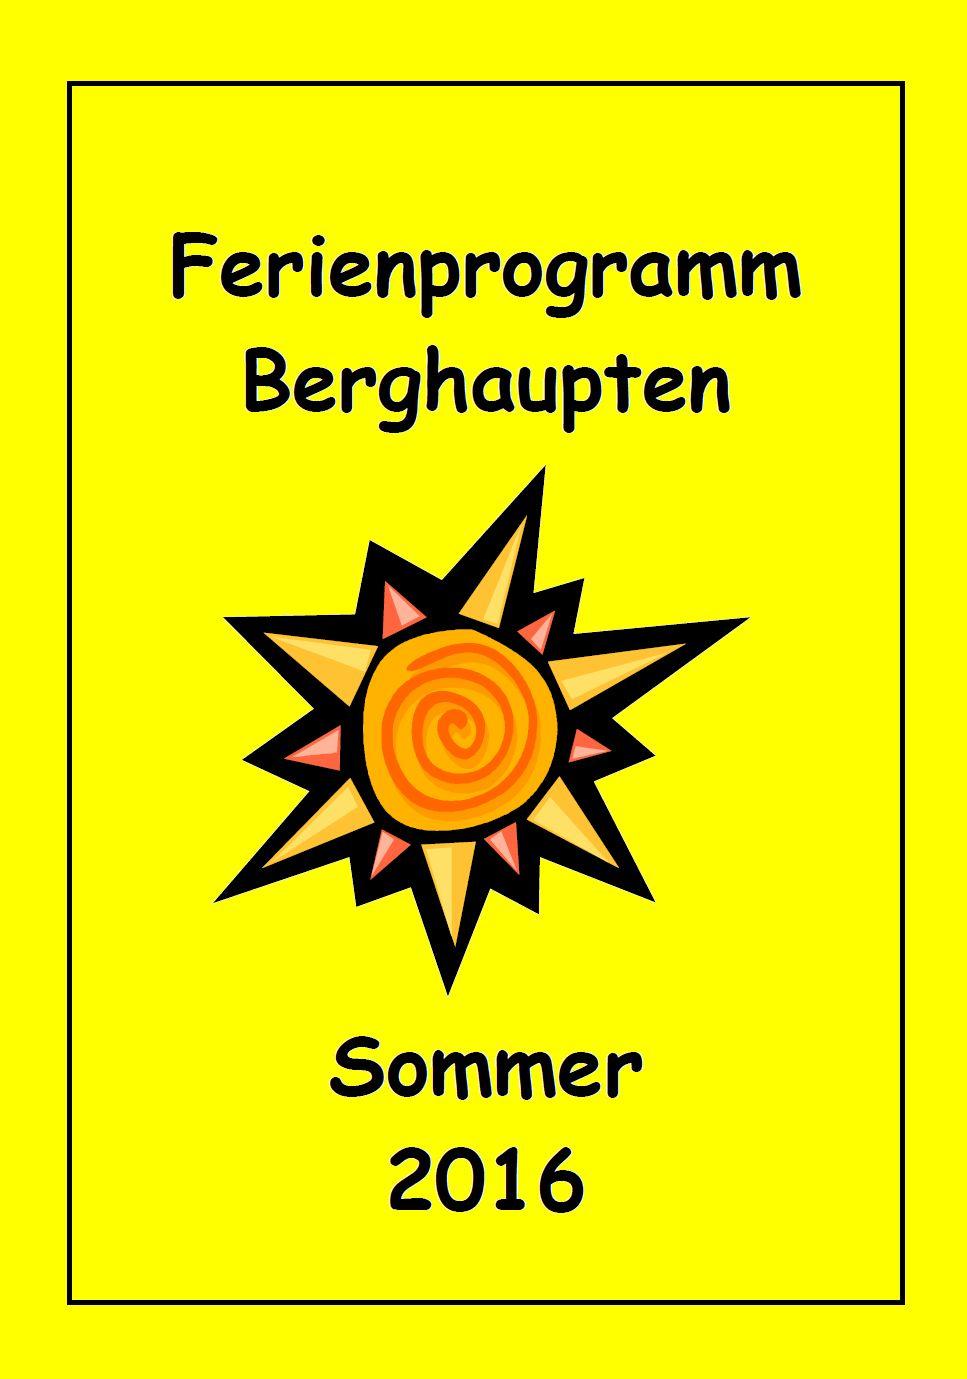 Aktuelle Infos zum Sommer-Ferienprogramm